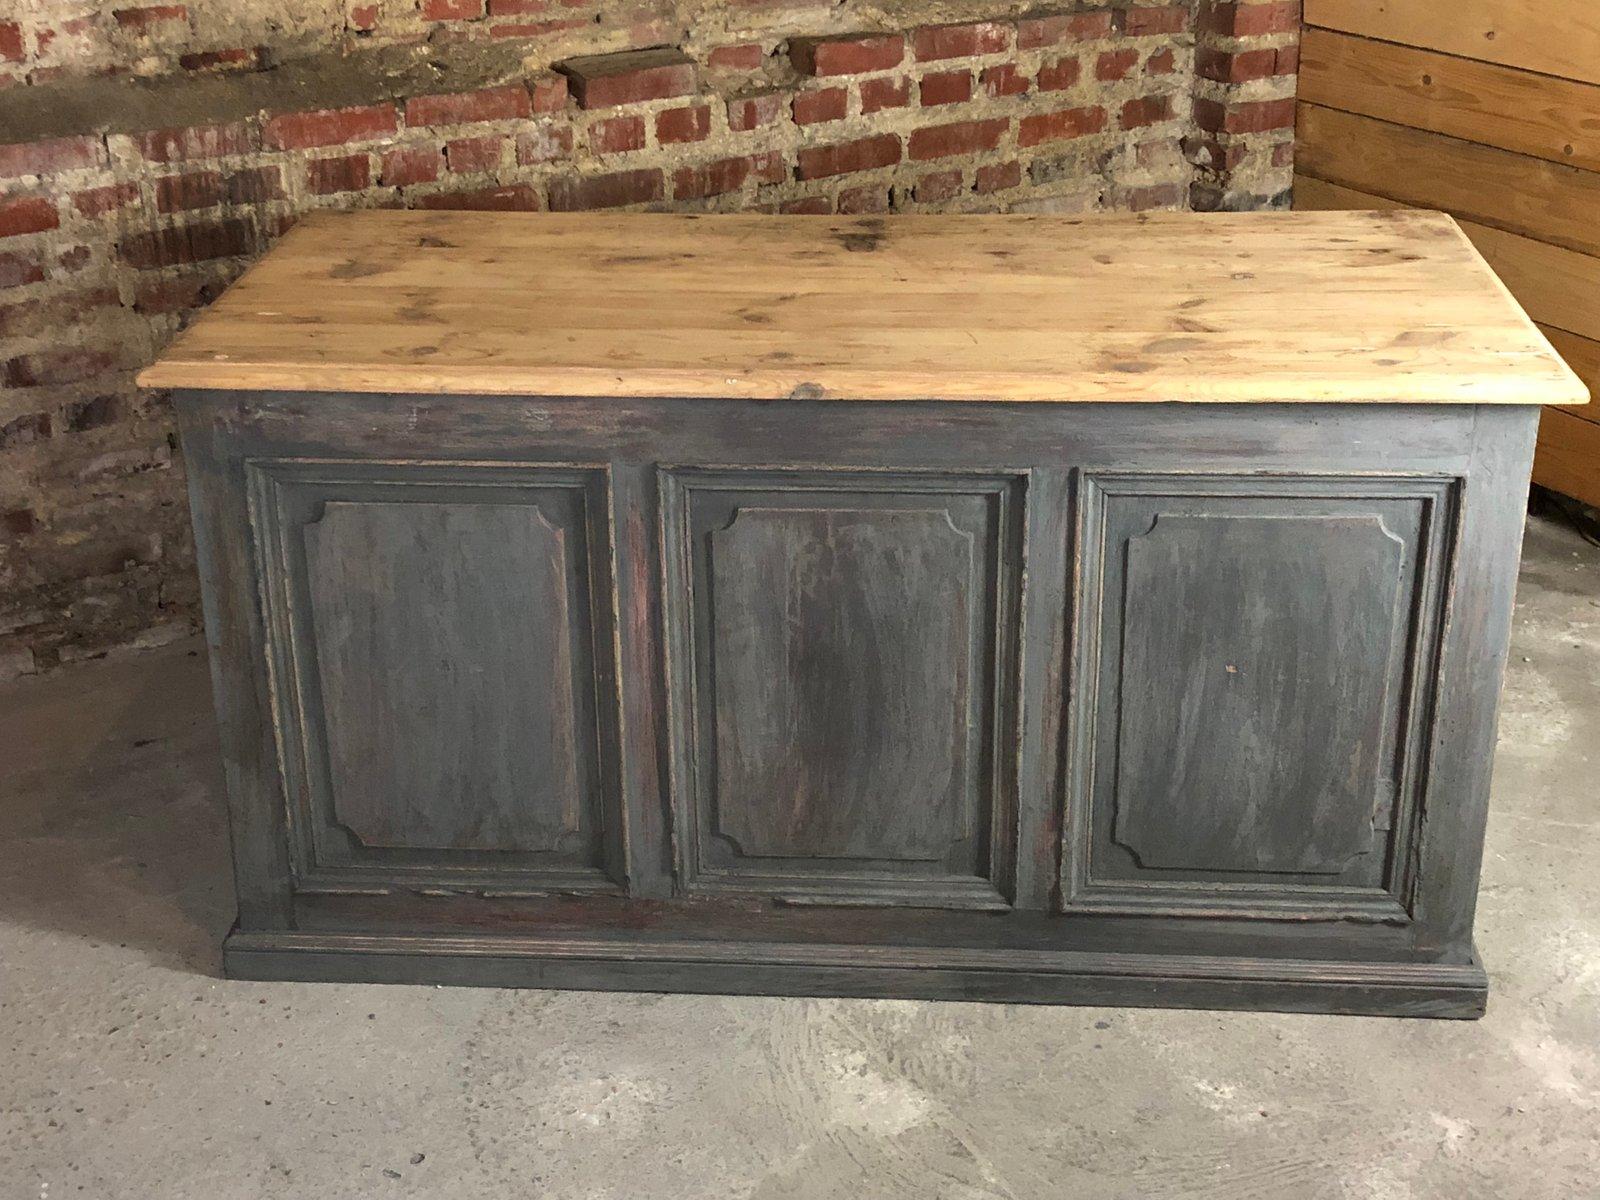 Antiker blaugrauer Tresen   Küche und Esszimmer > Bar-Möbel > Tresen und Theken   Rustikal - Grau   Holz